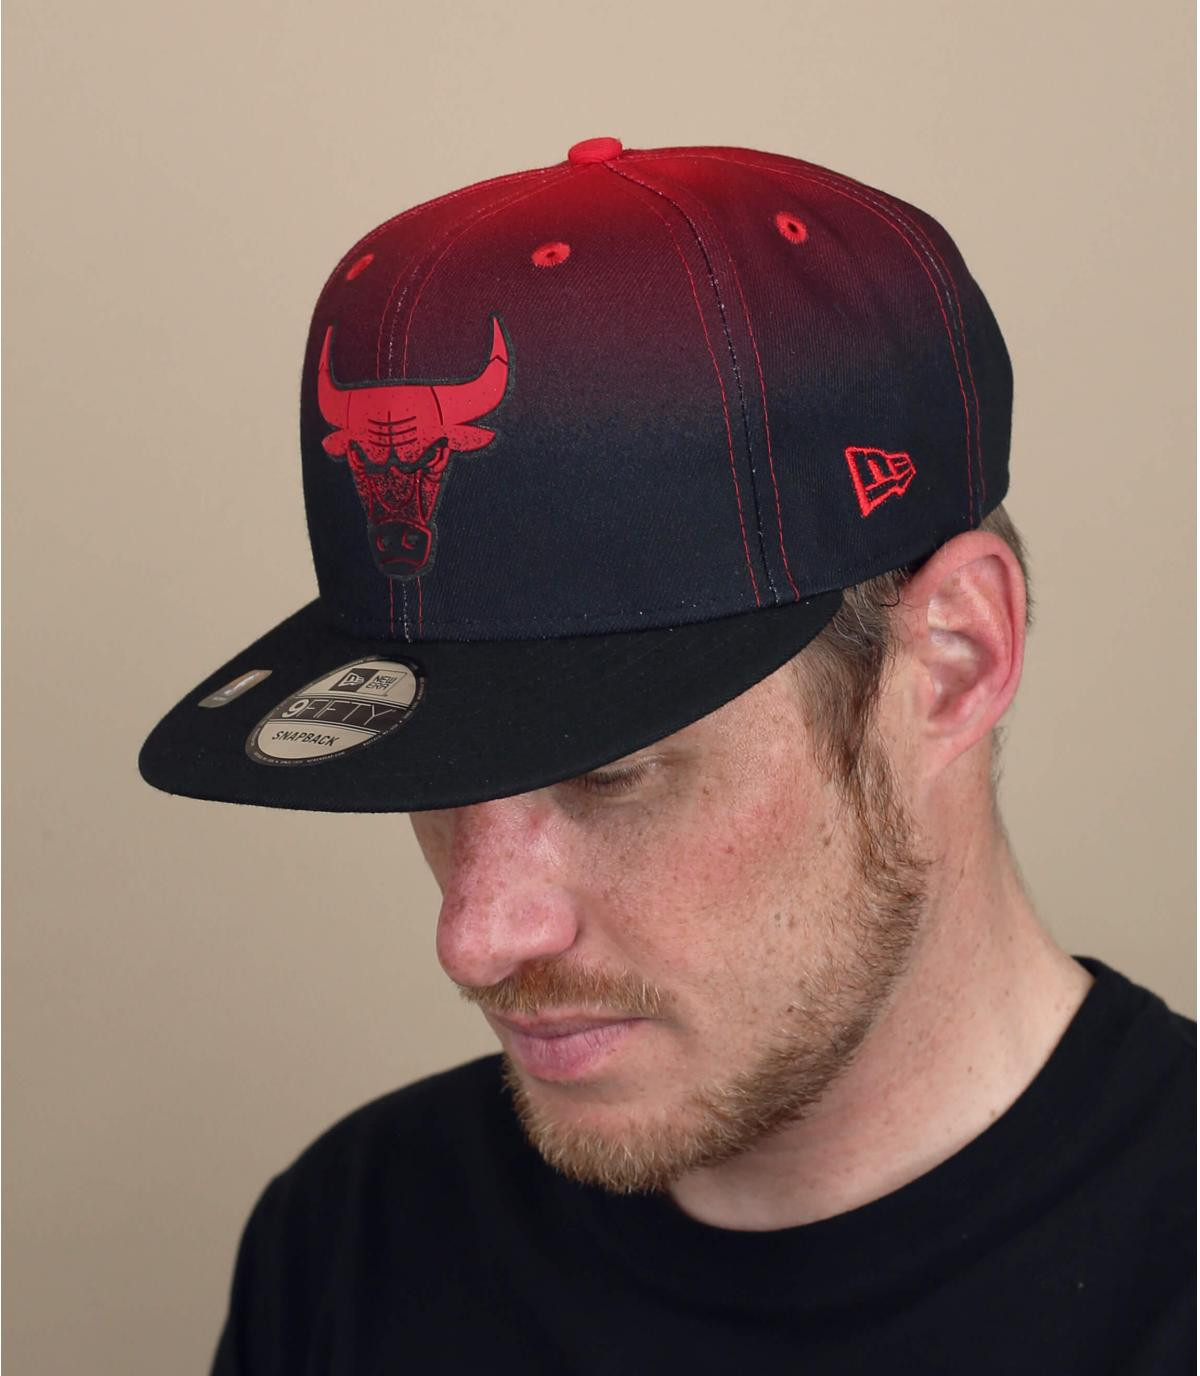 casquette bulls rouge noir